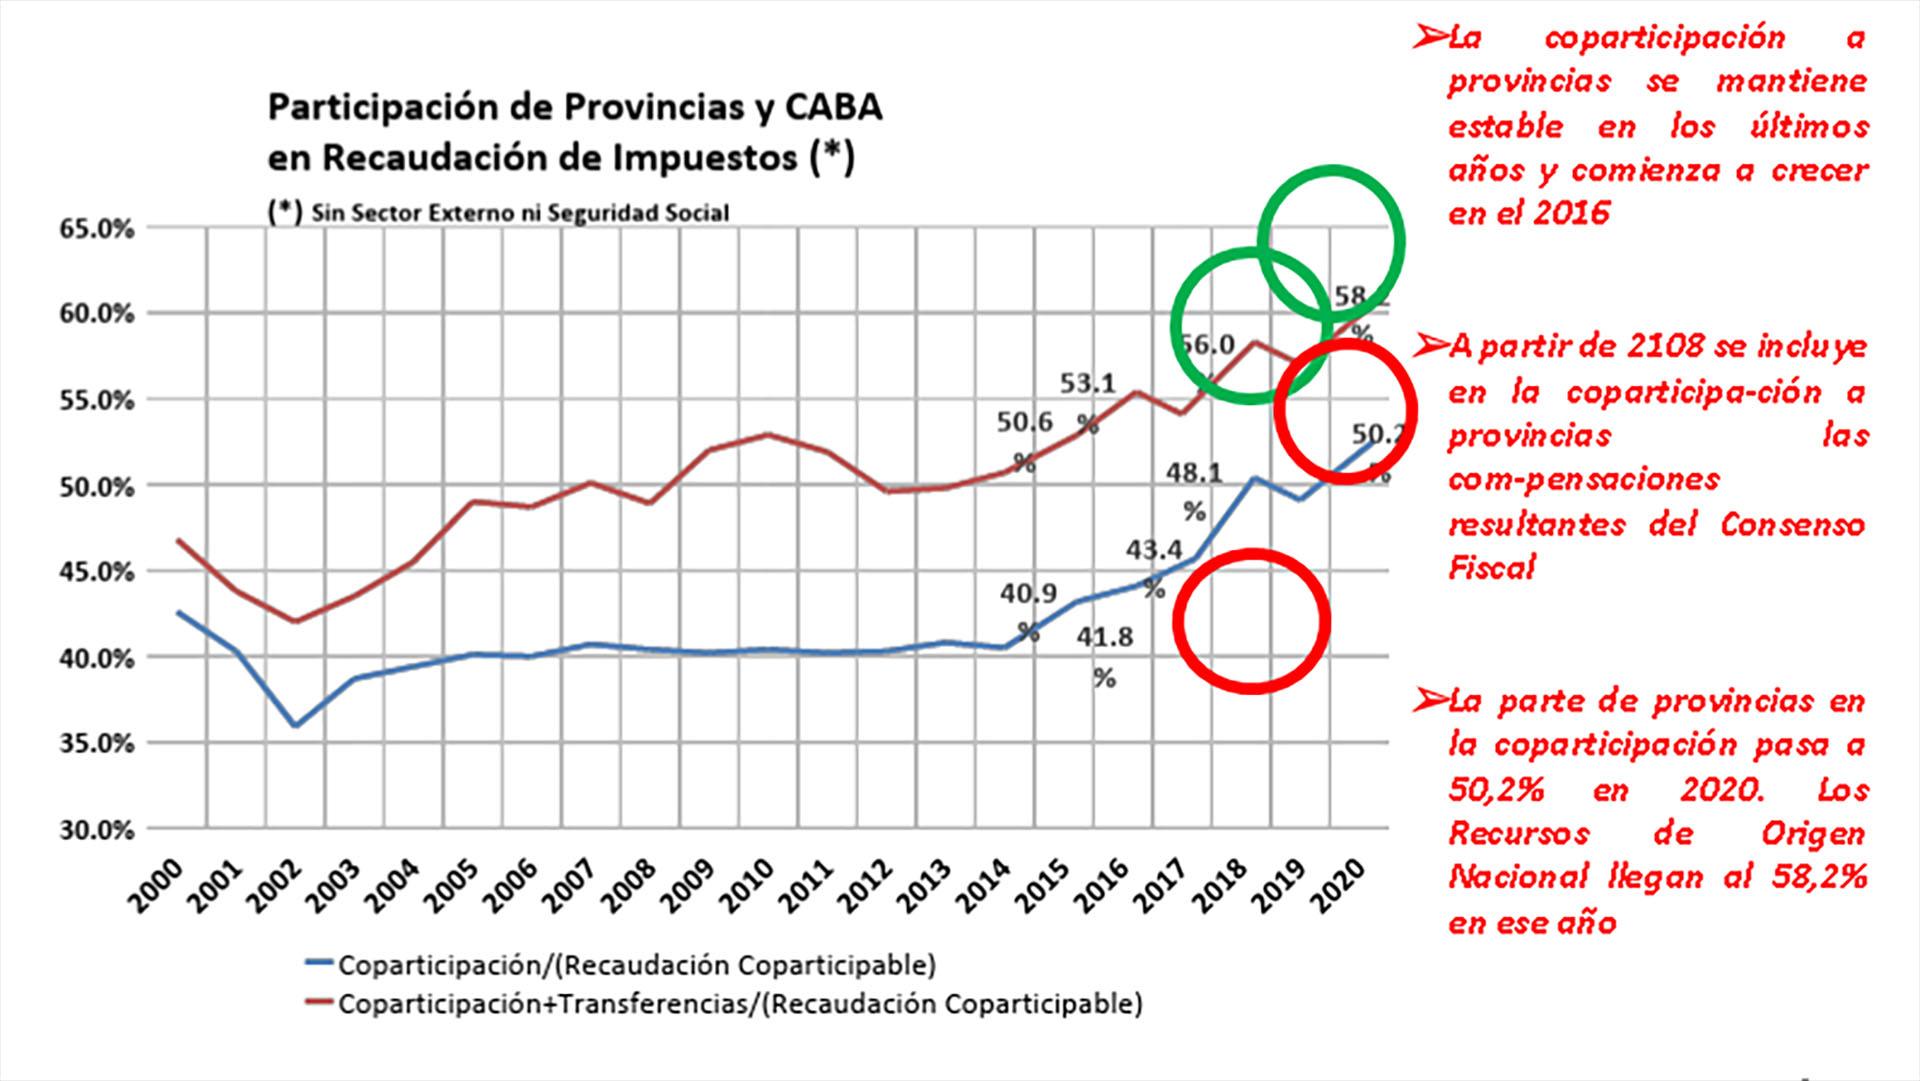 """Gráfico tomado del informe """"Federalismo fiscal y coparticipación de impuestos"""" del Consejo Federal de Inversiones"""